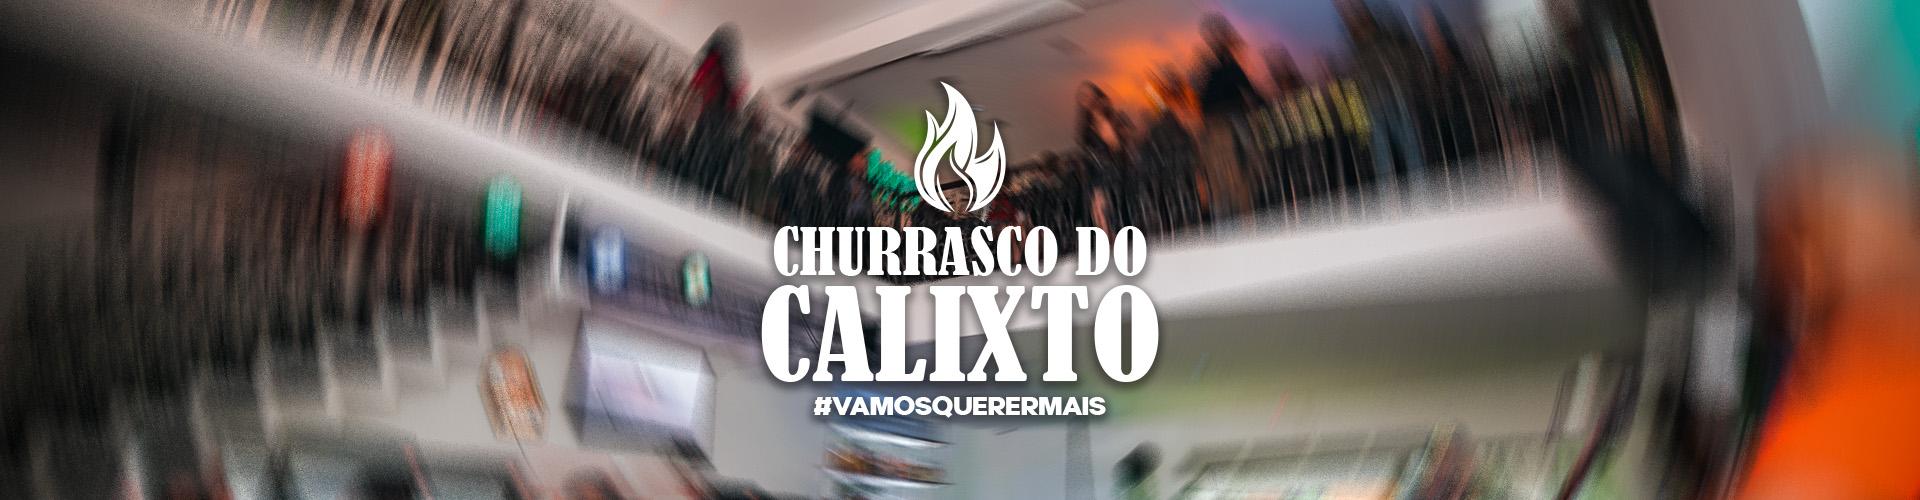 CHURRASCO DO CALIXTO – TODO DOMINGO